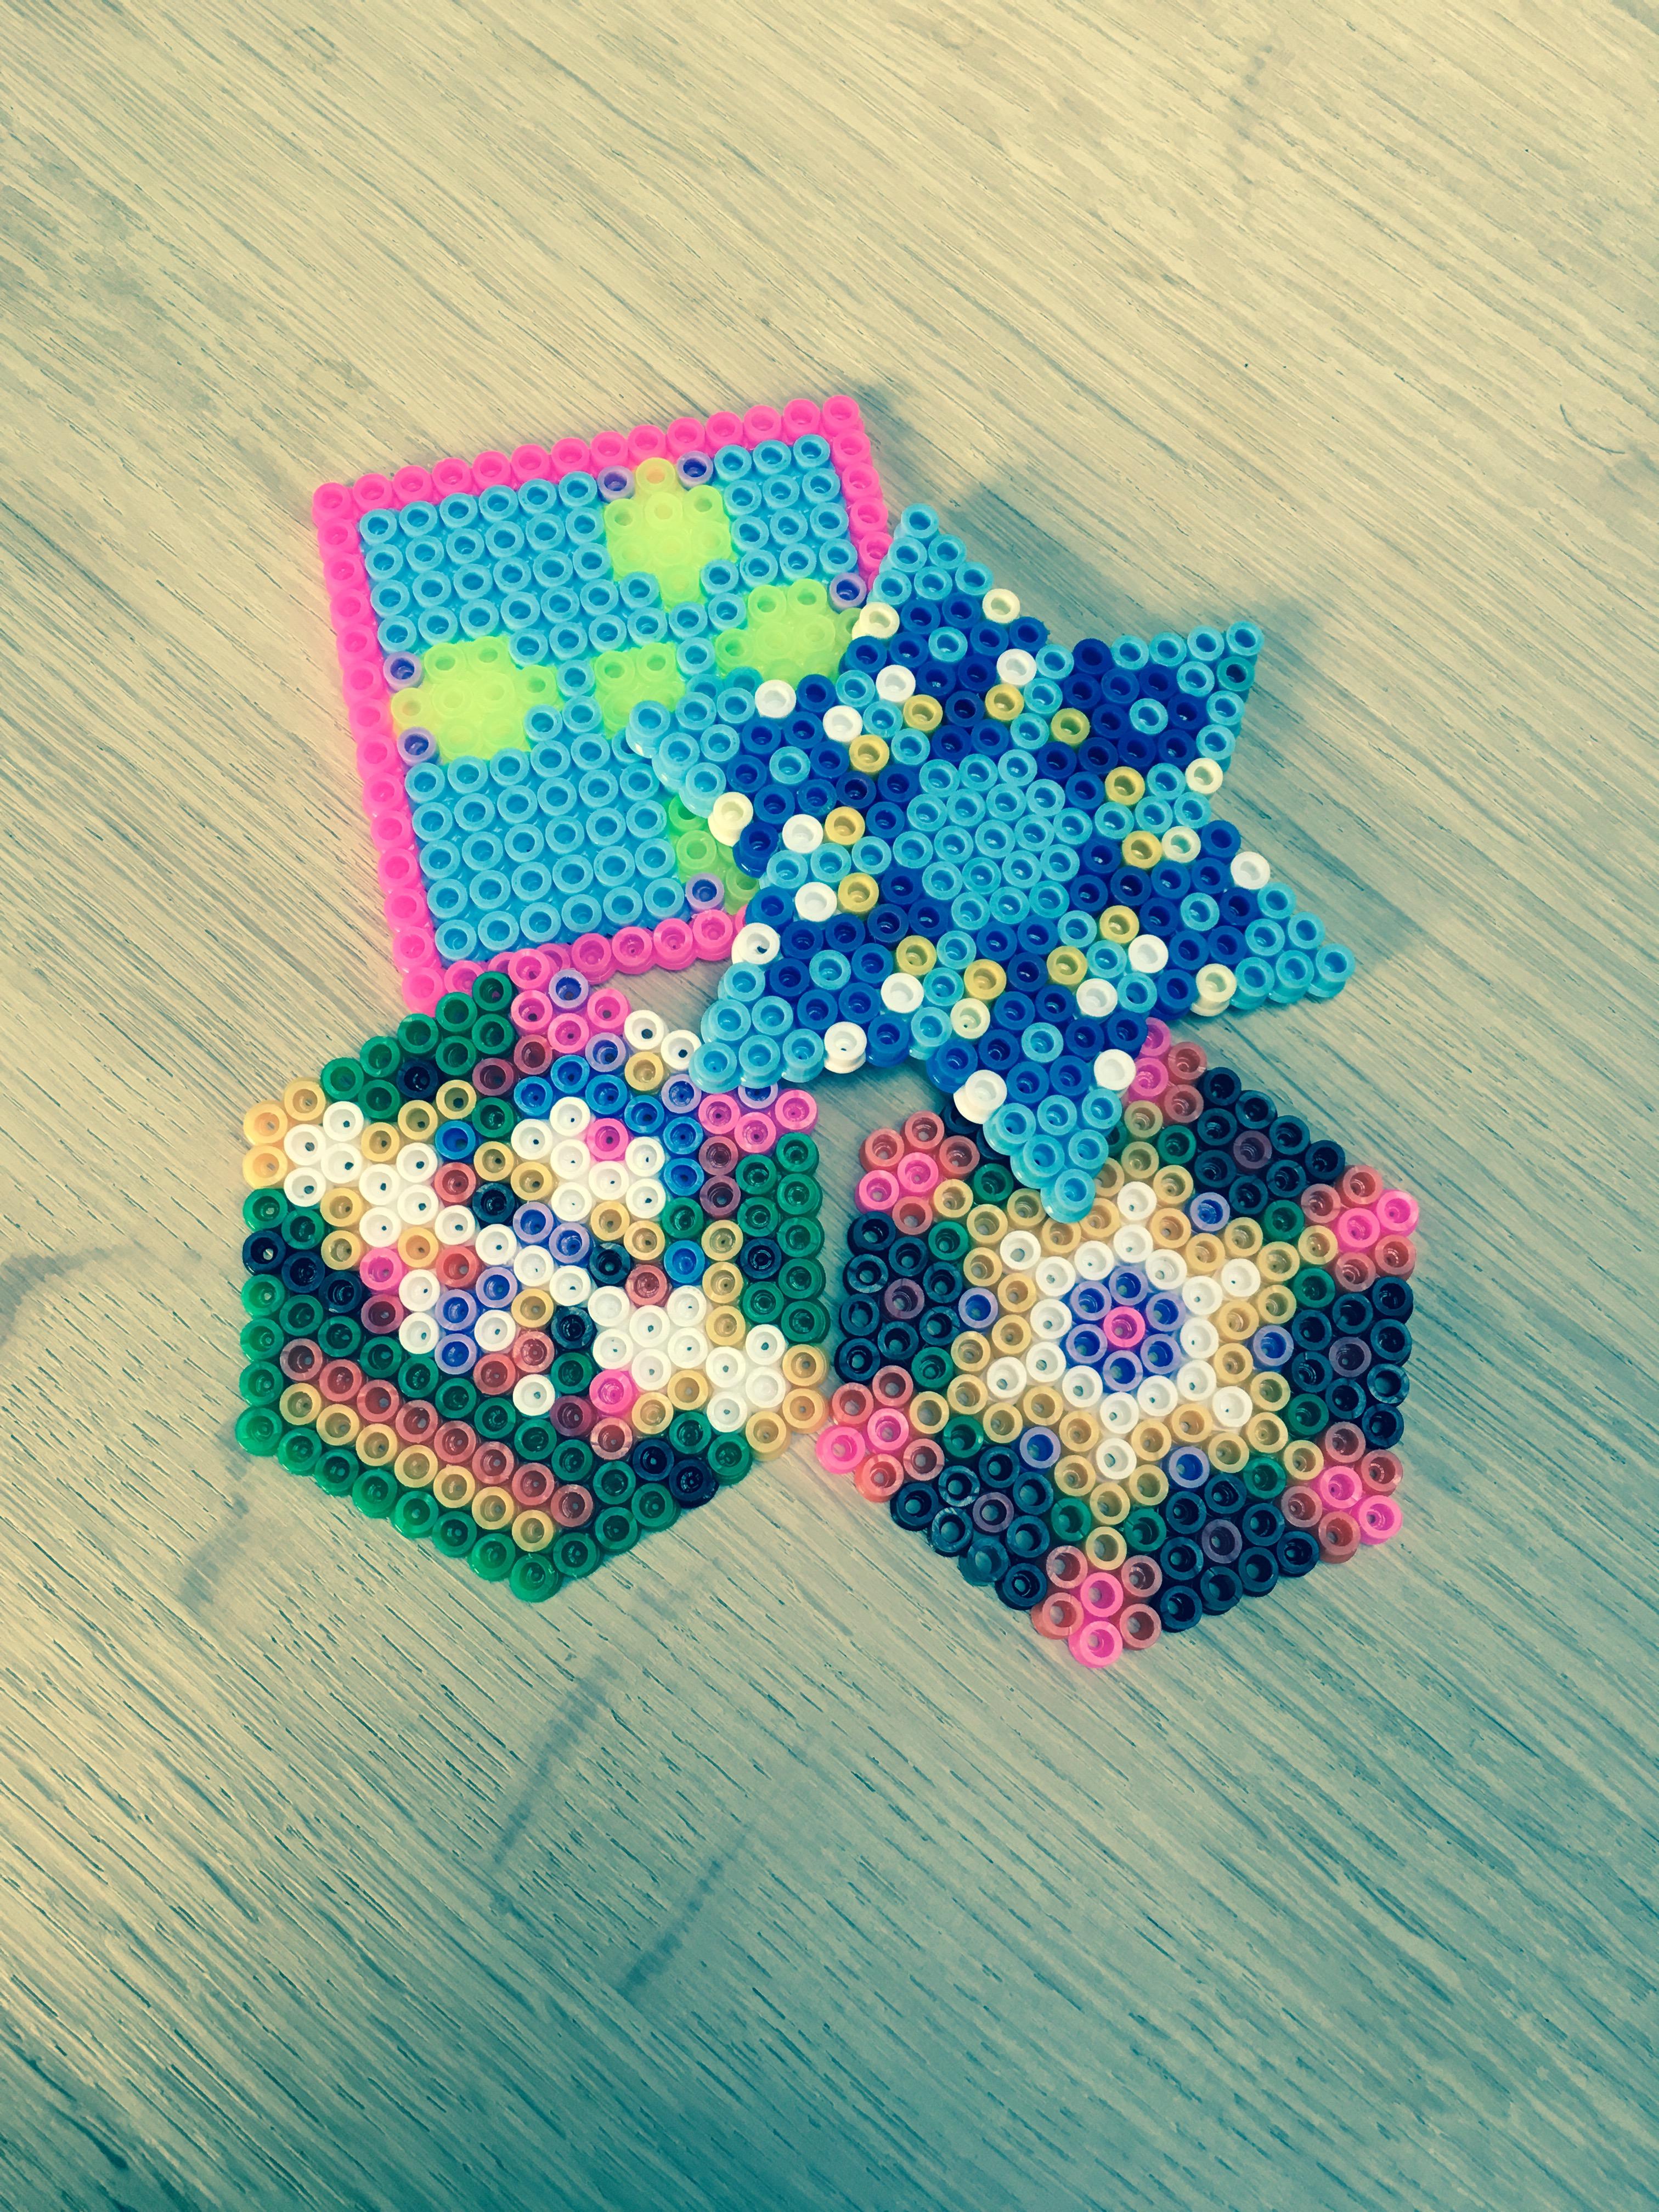 Min datter lavede en masse perleplader - her et udsnit.